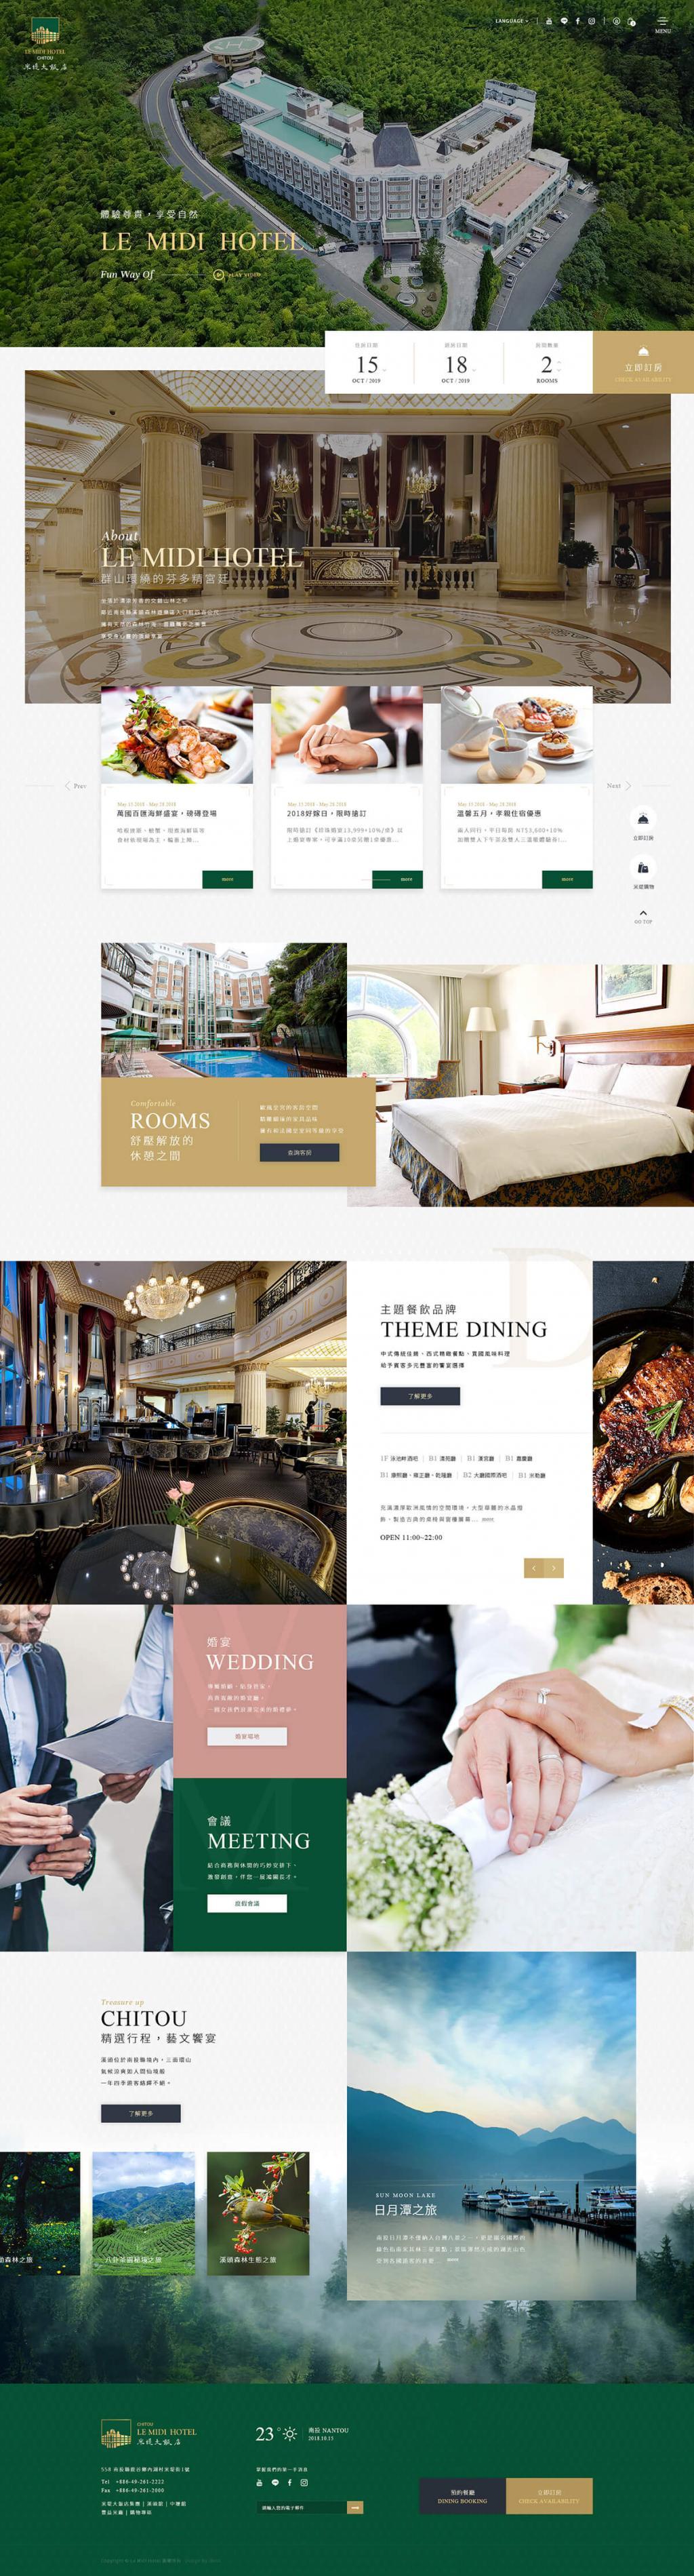 溪頭米堤大飯店-網頁設計